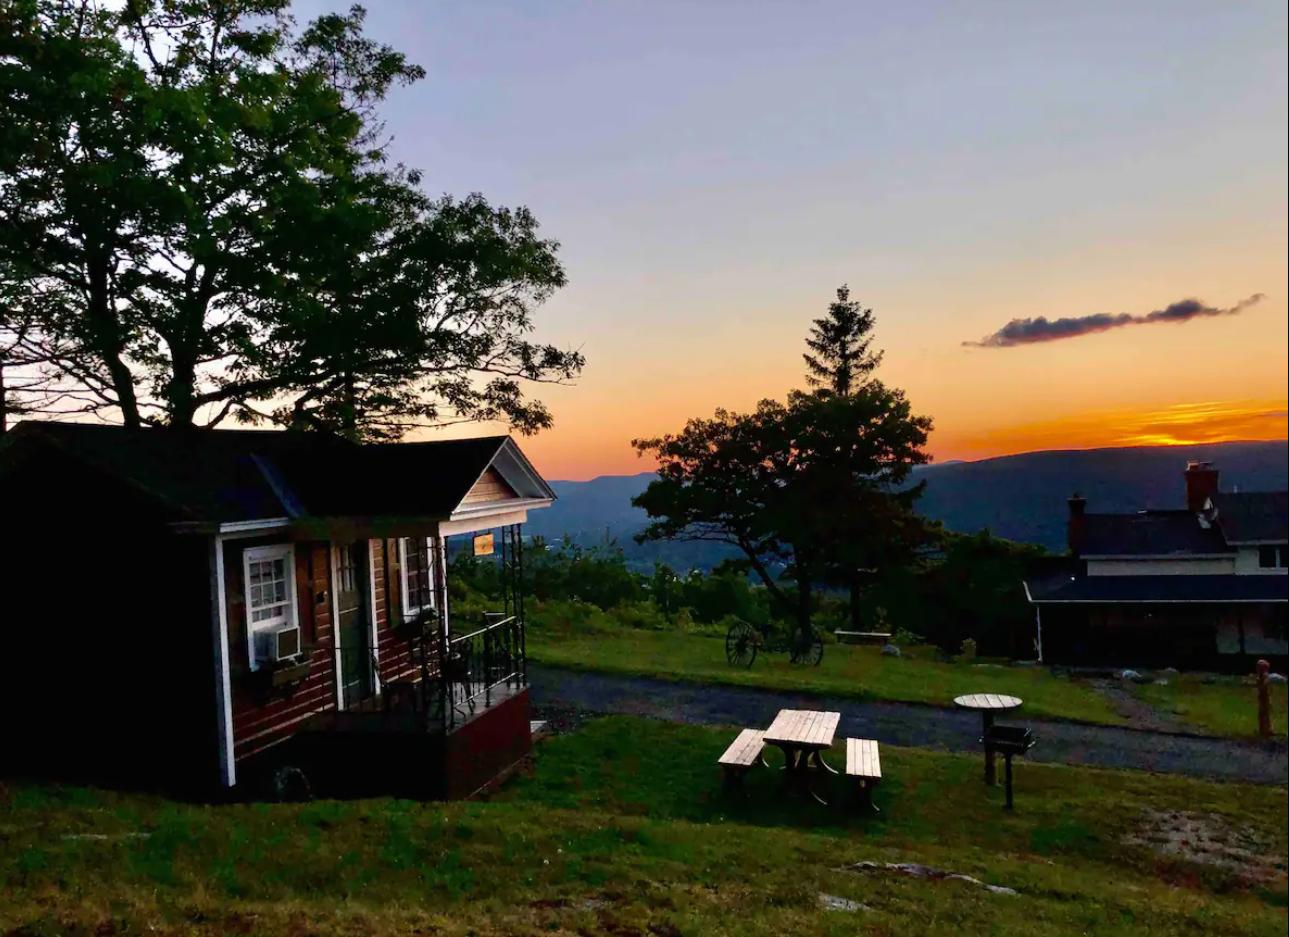 The Mohawk Cabin